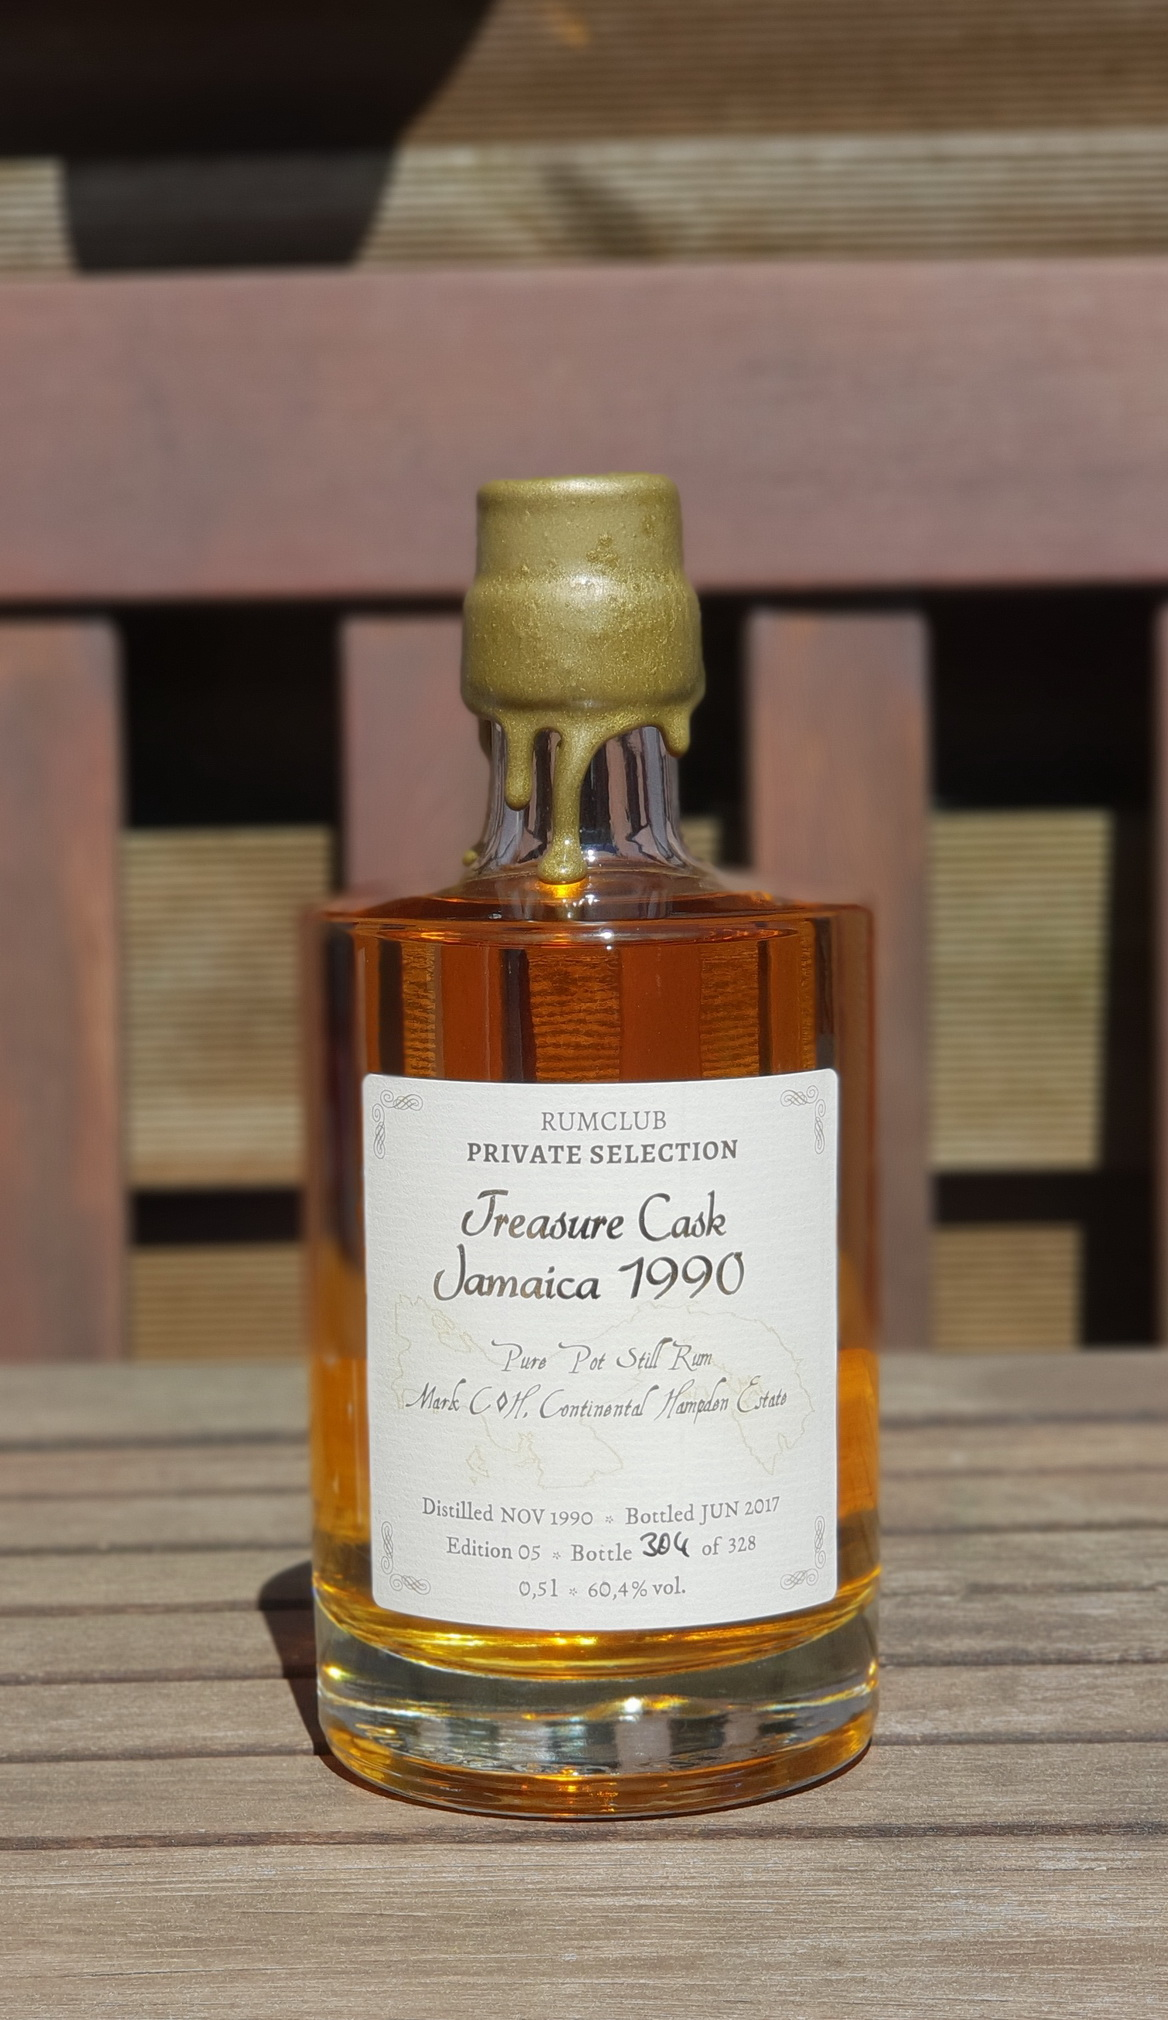 Rumclub Private Selection: Treasure Cask Jamaica 1990 (2017)0,5L und 60,4% von Hampden Estate.Einzelflasche, handnummeriert: 304 von 328